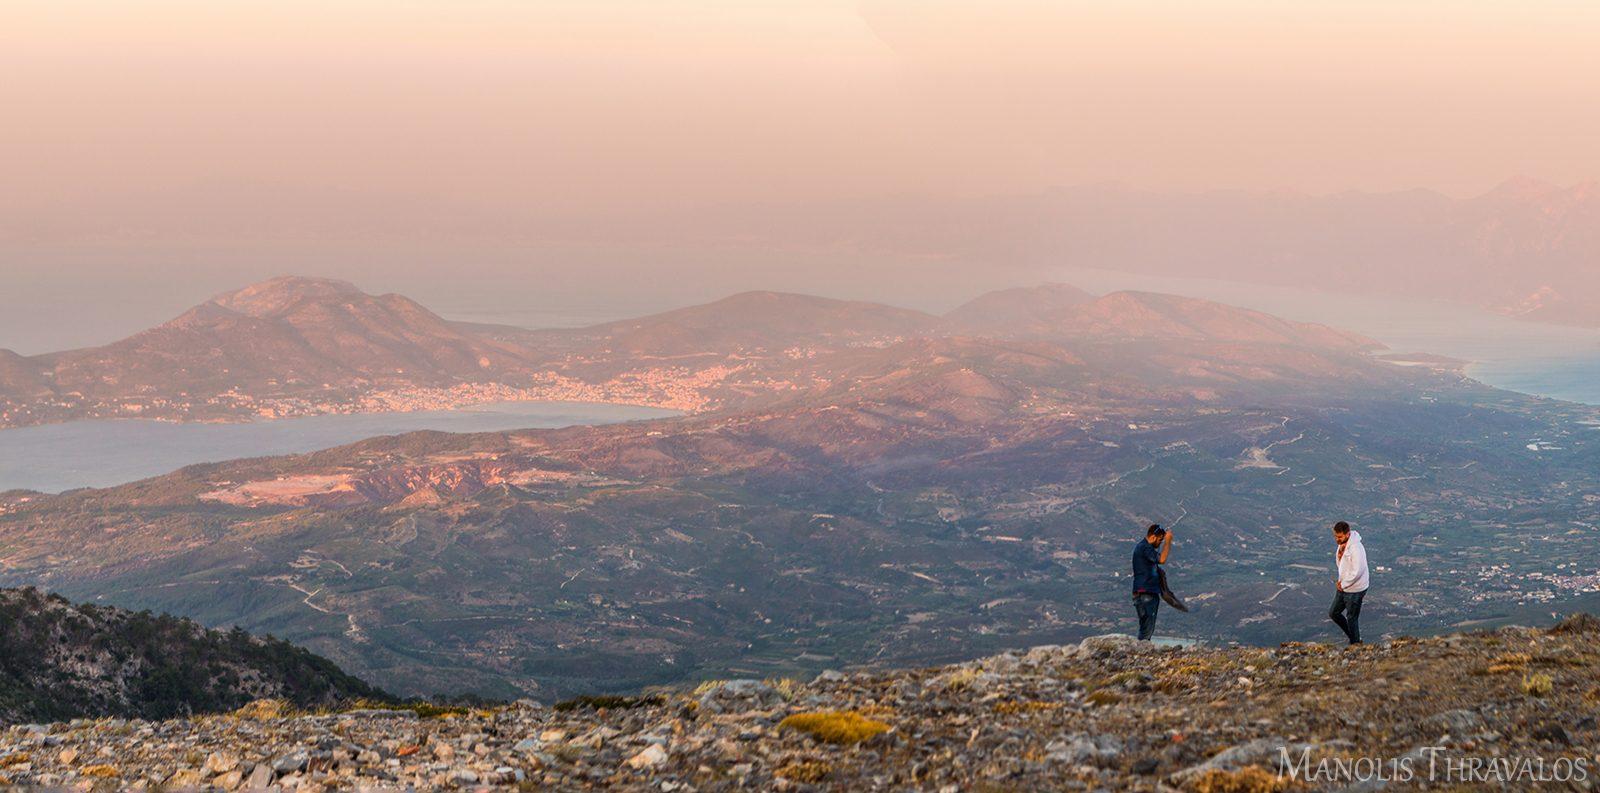 Θέα προς το Βαθύ από την κορυφή του Καρβούνη